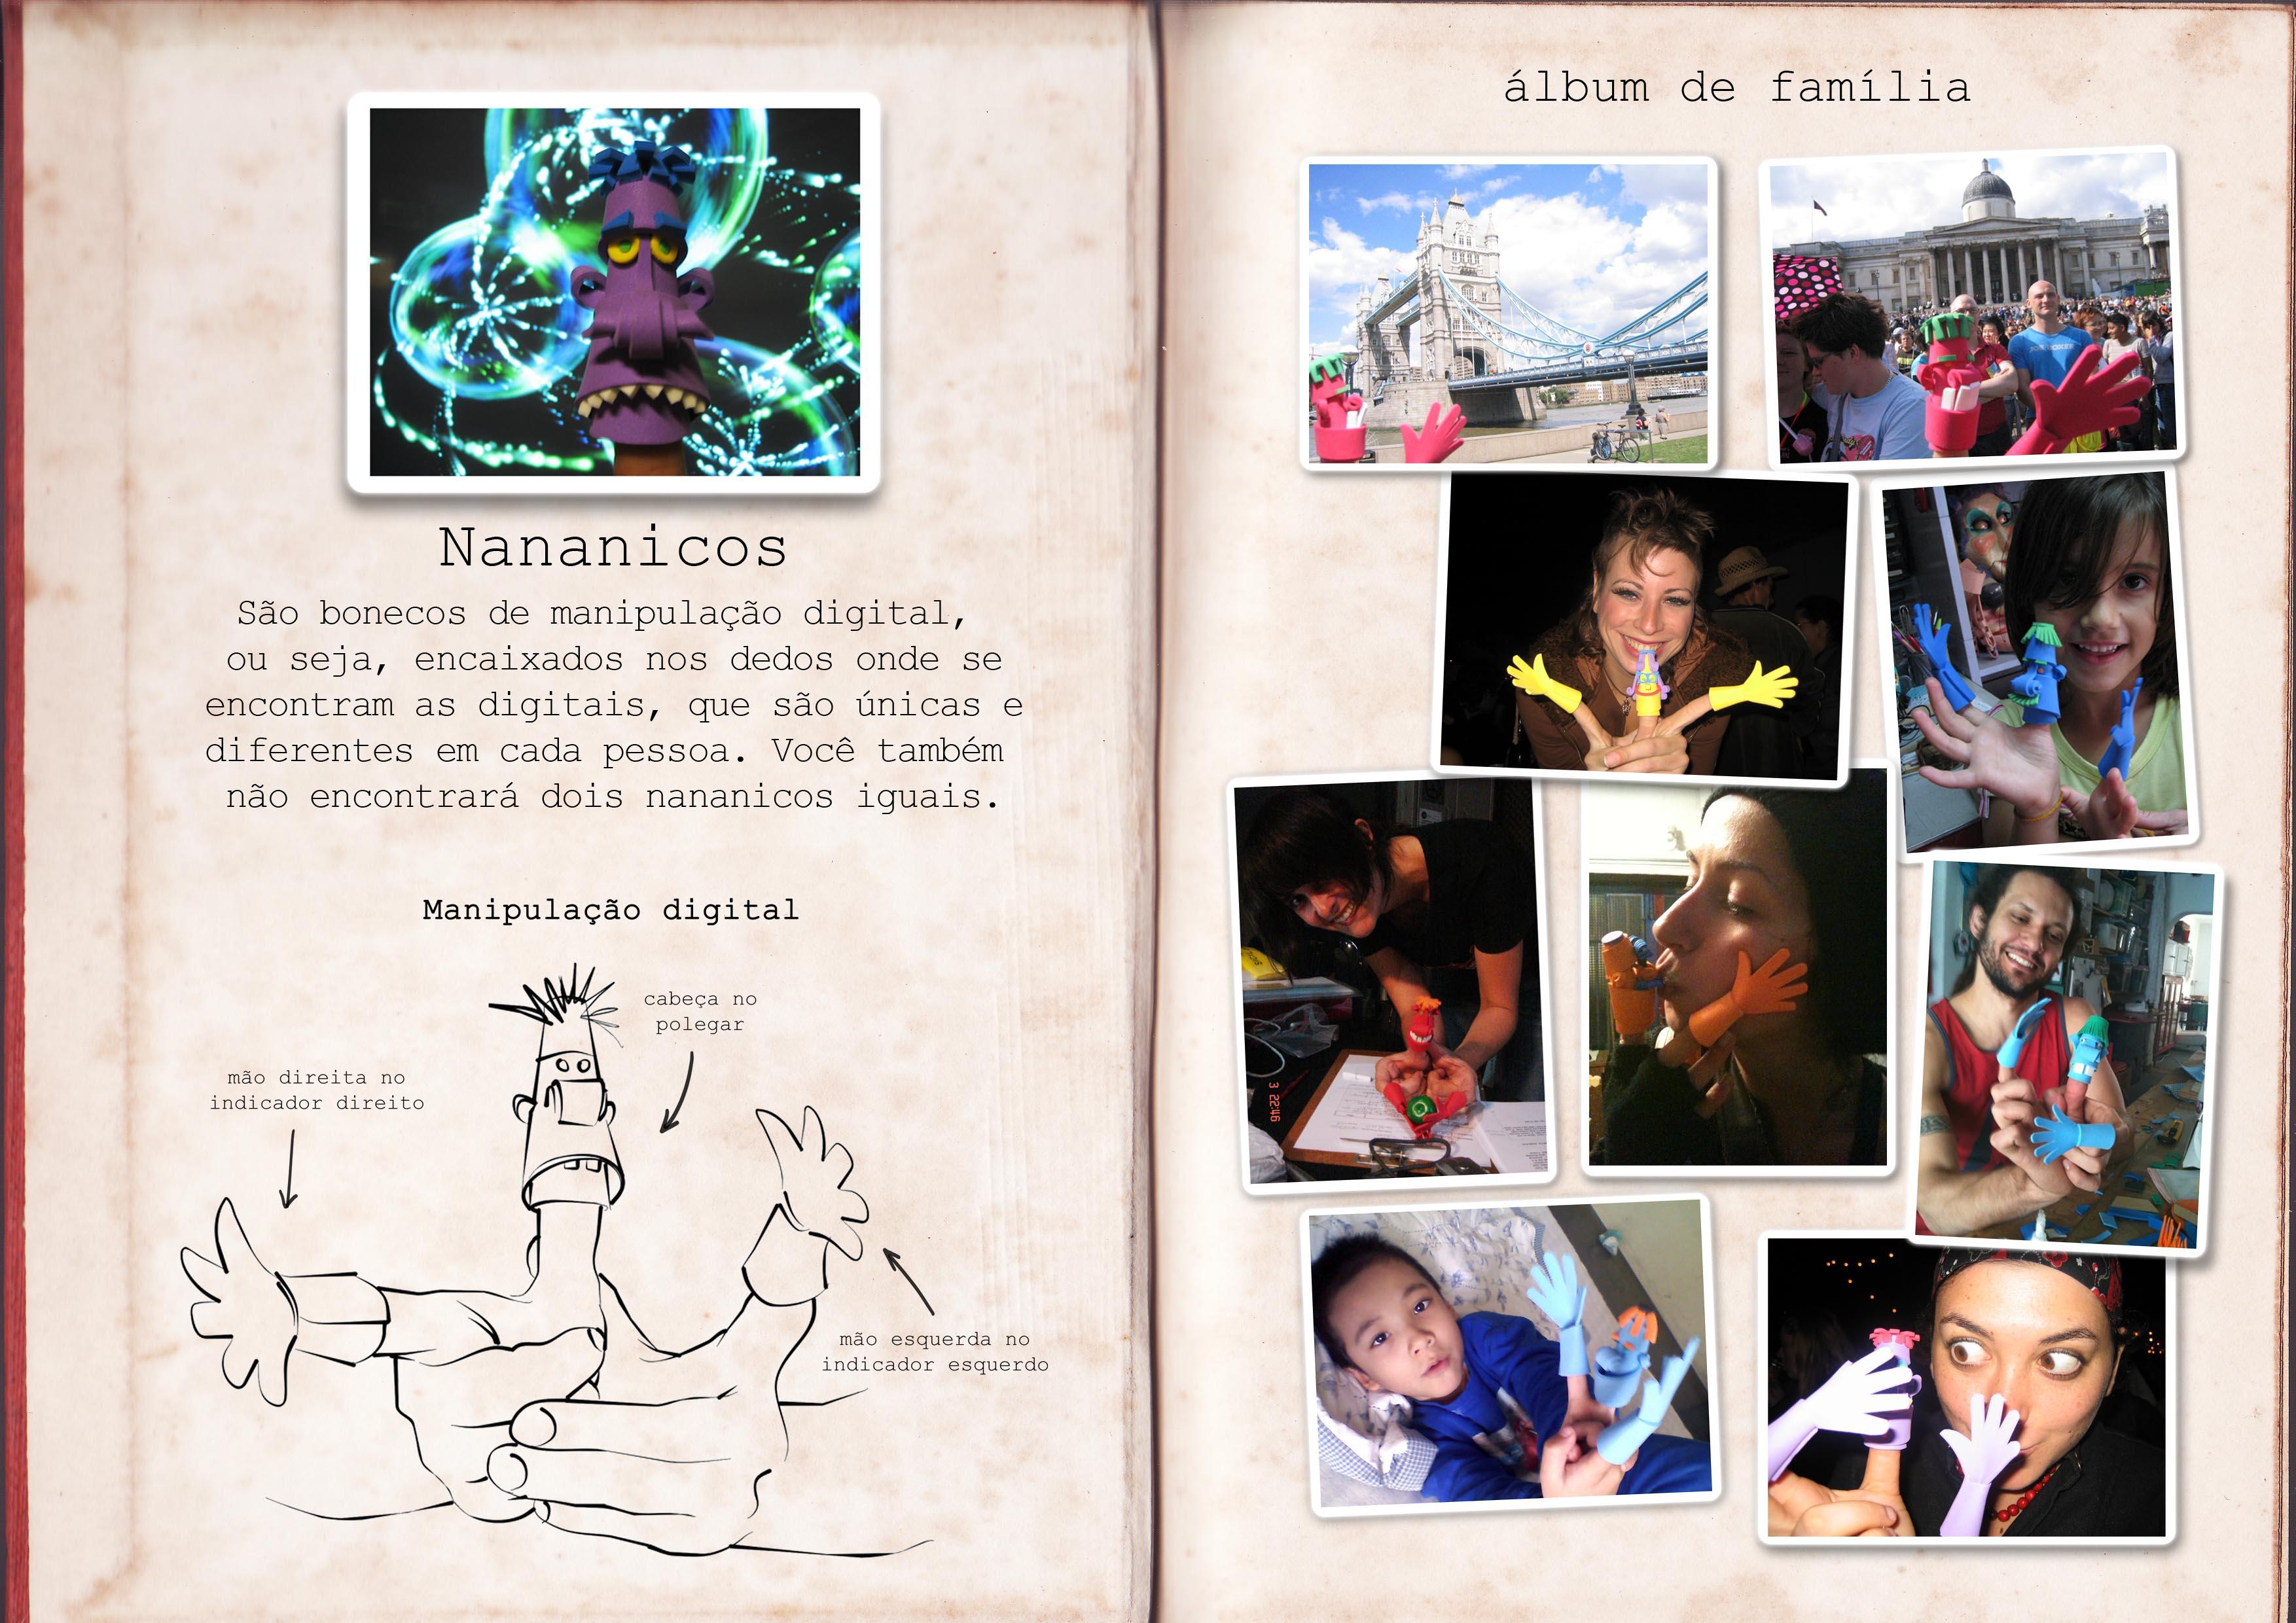 nananicos pelo mundo